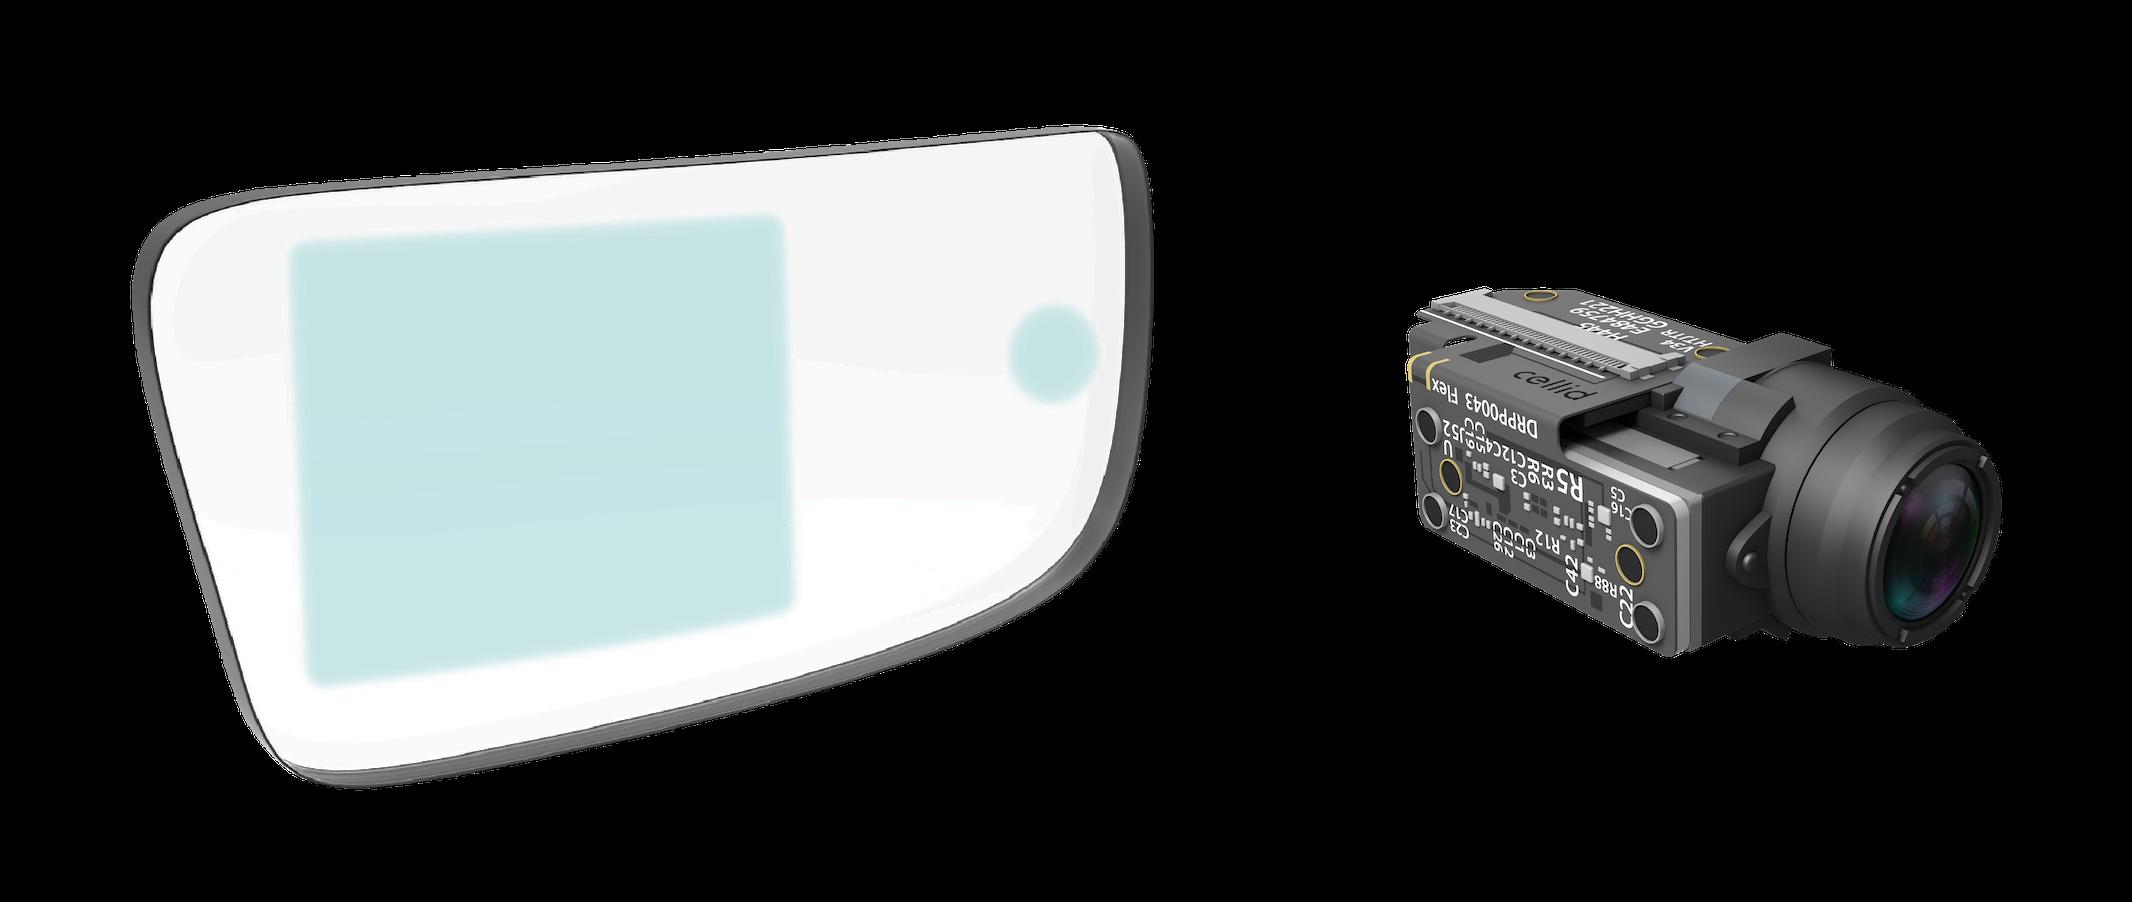 日本创企推出60度FOV的AR光学模组,计划年底量产